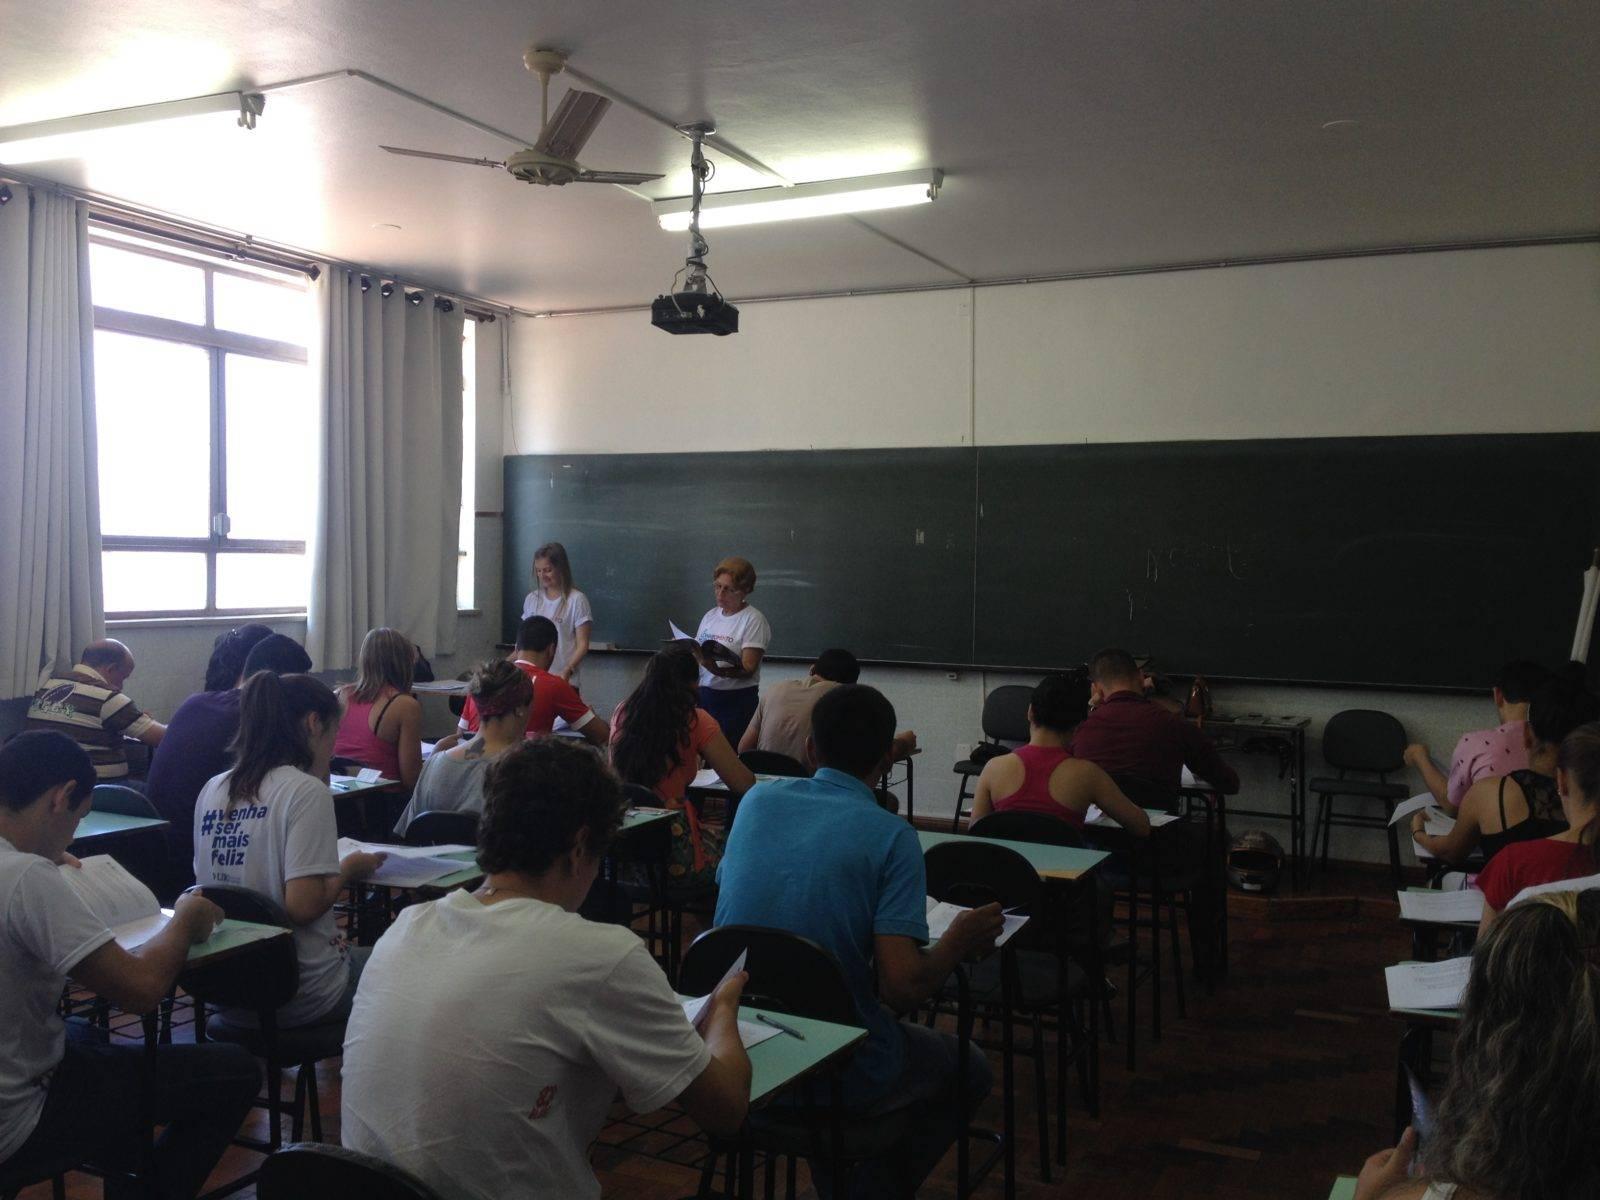 Prova do vestibular da URI é neste domingo em São Luiz Gonzaga